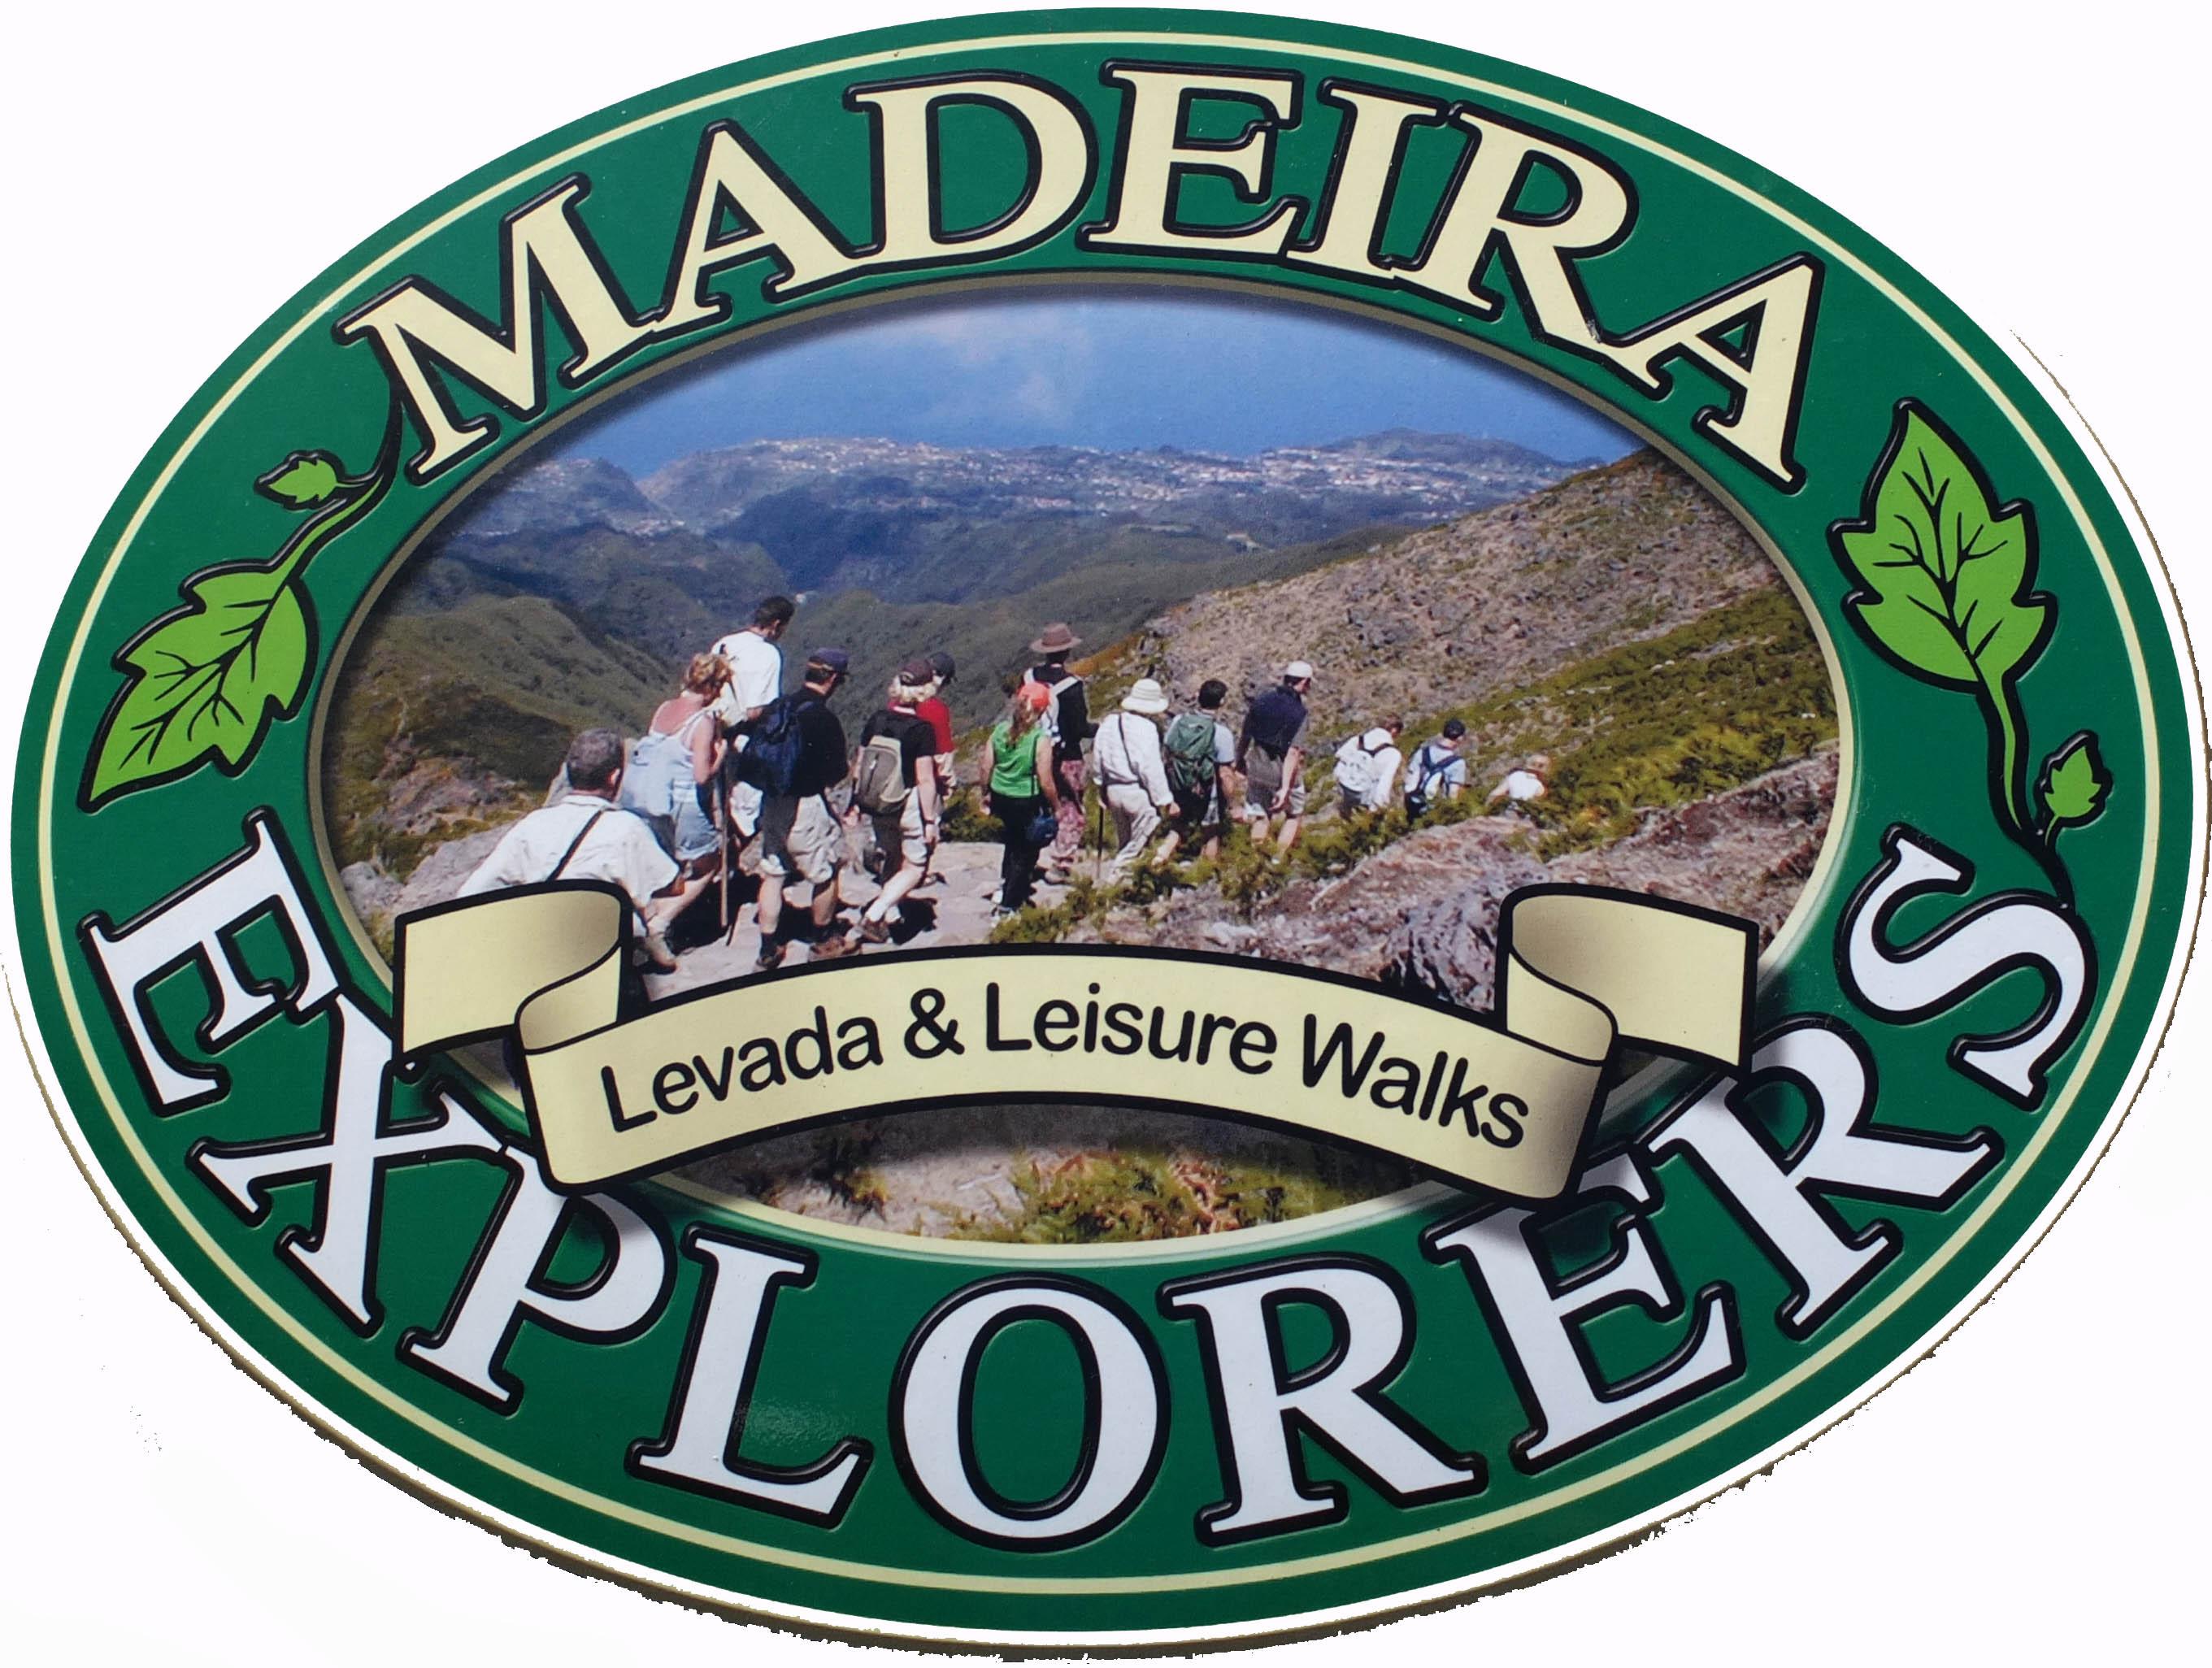 2016-07 - Madeira (expl)